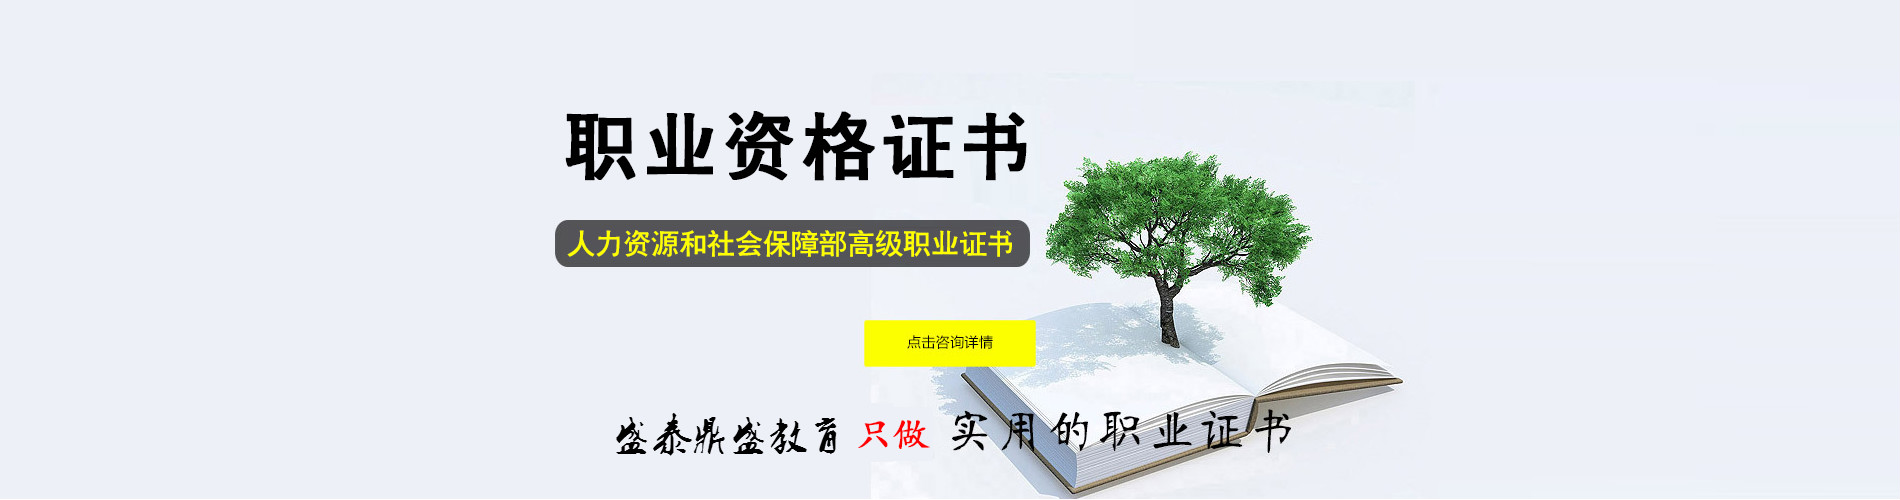 石家庄网教报名自考大专本科学历提升stds.com.cn